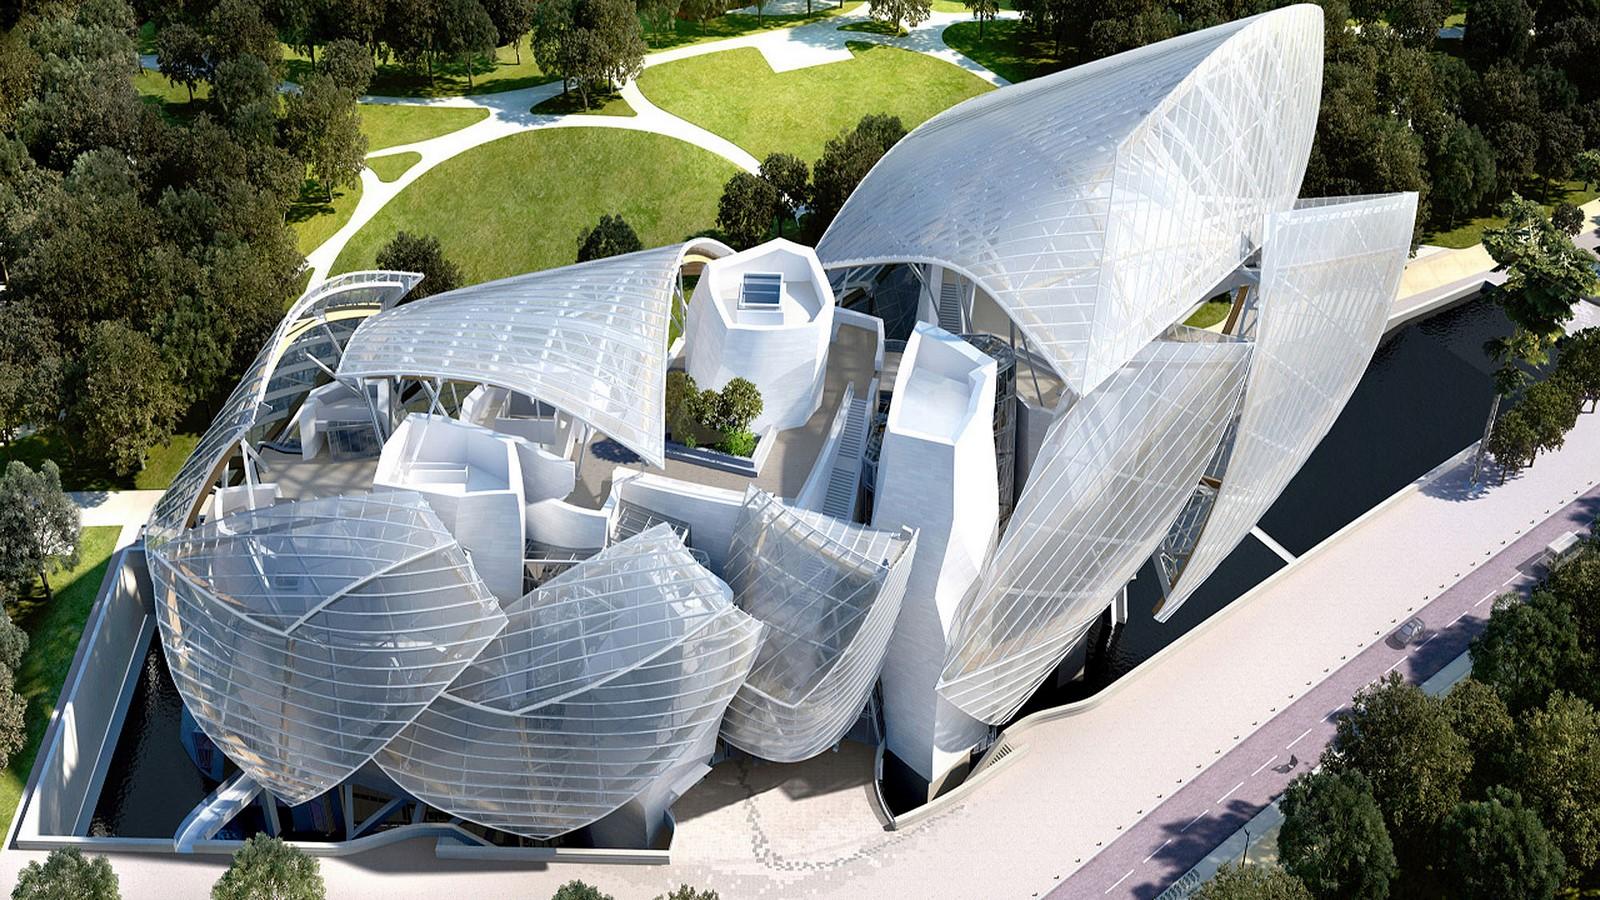 Fondation Louis Vuitton, Paris (2014) - Sheet1